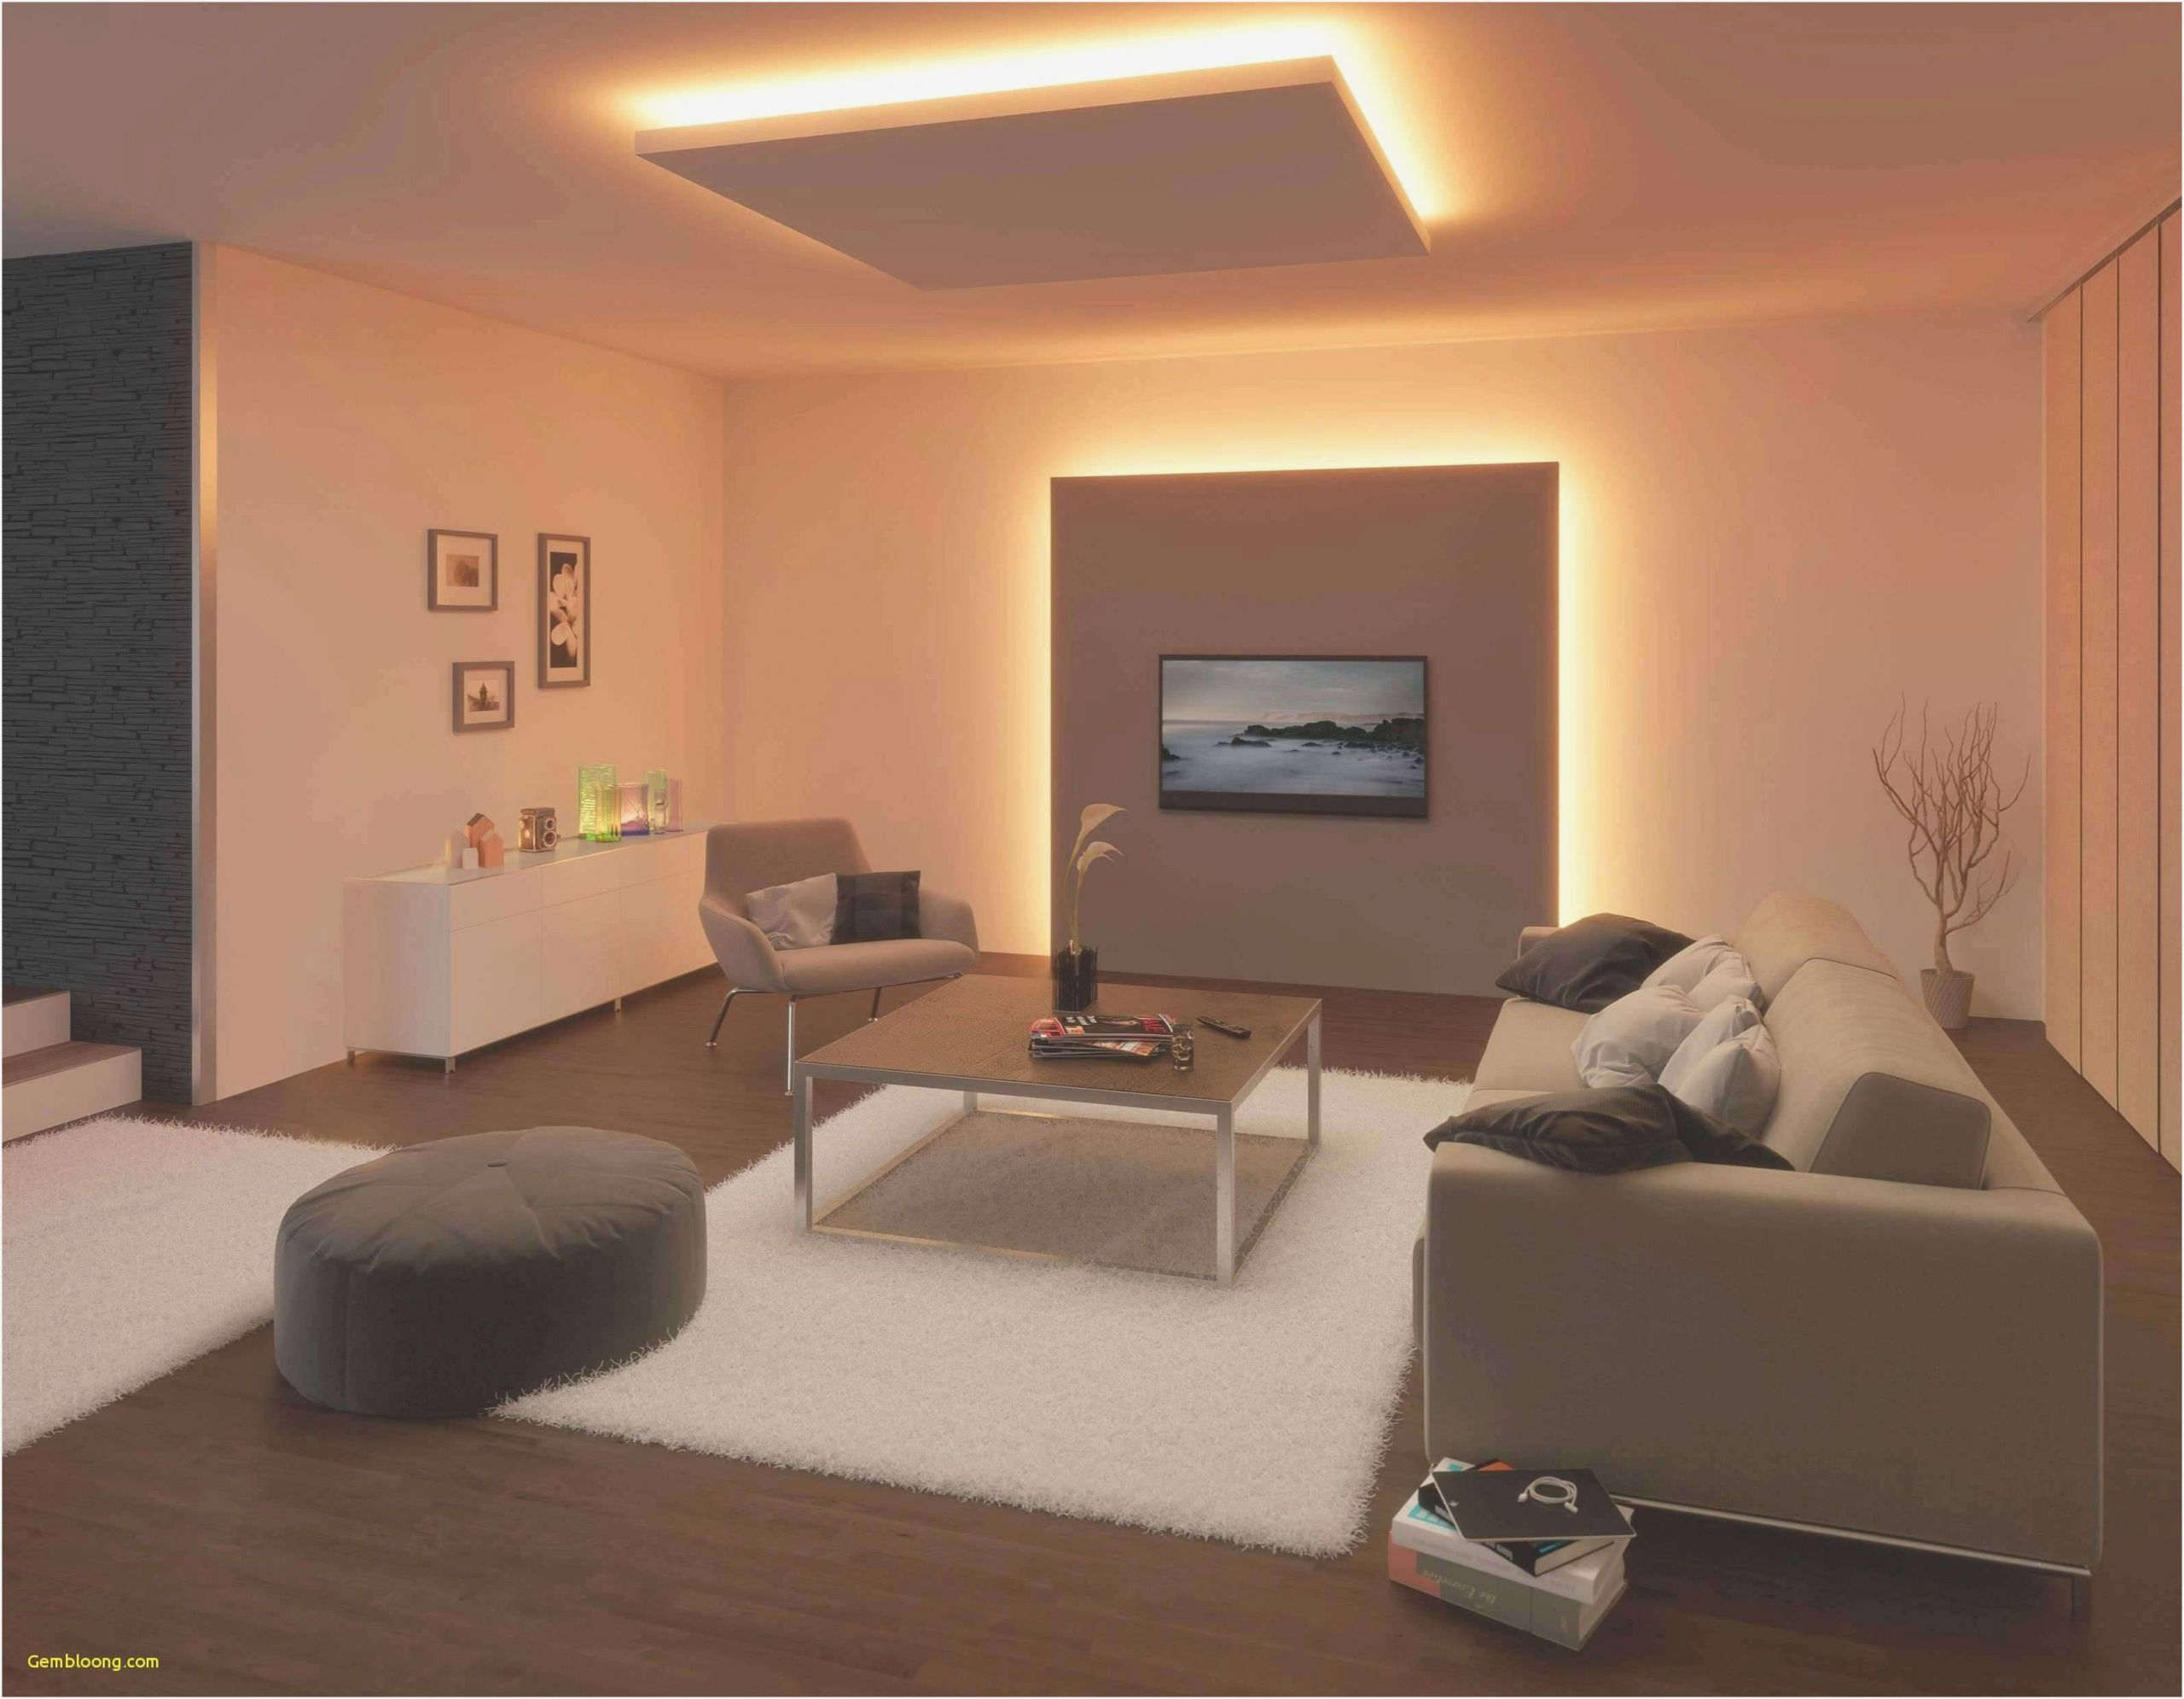 wohnzimmer deko selber machen beton scaled